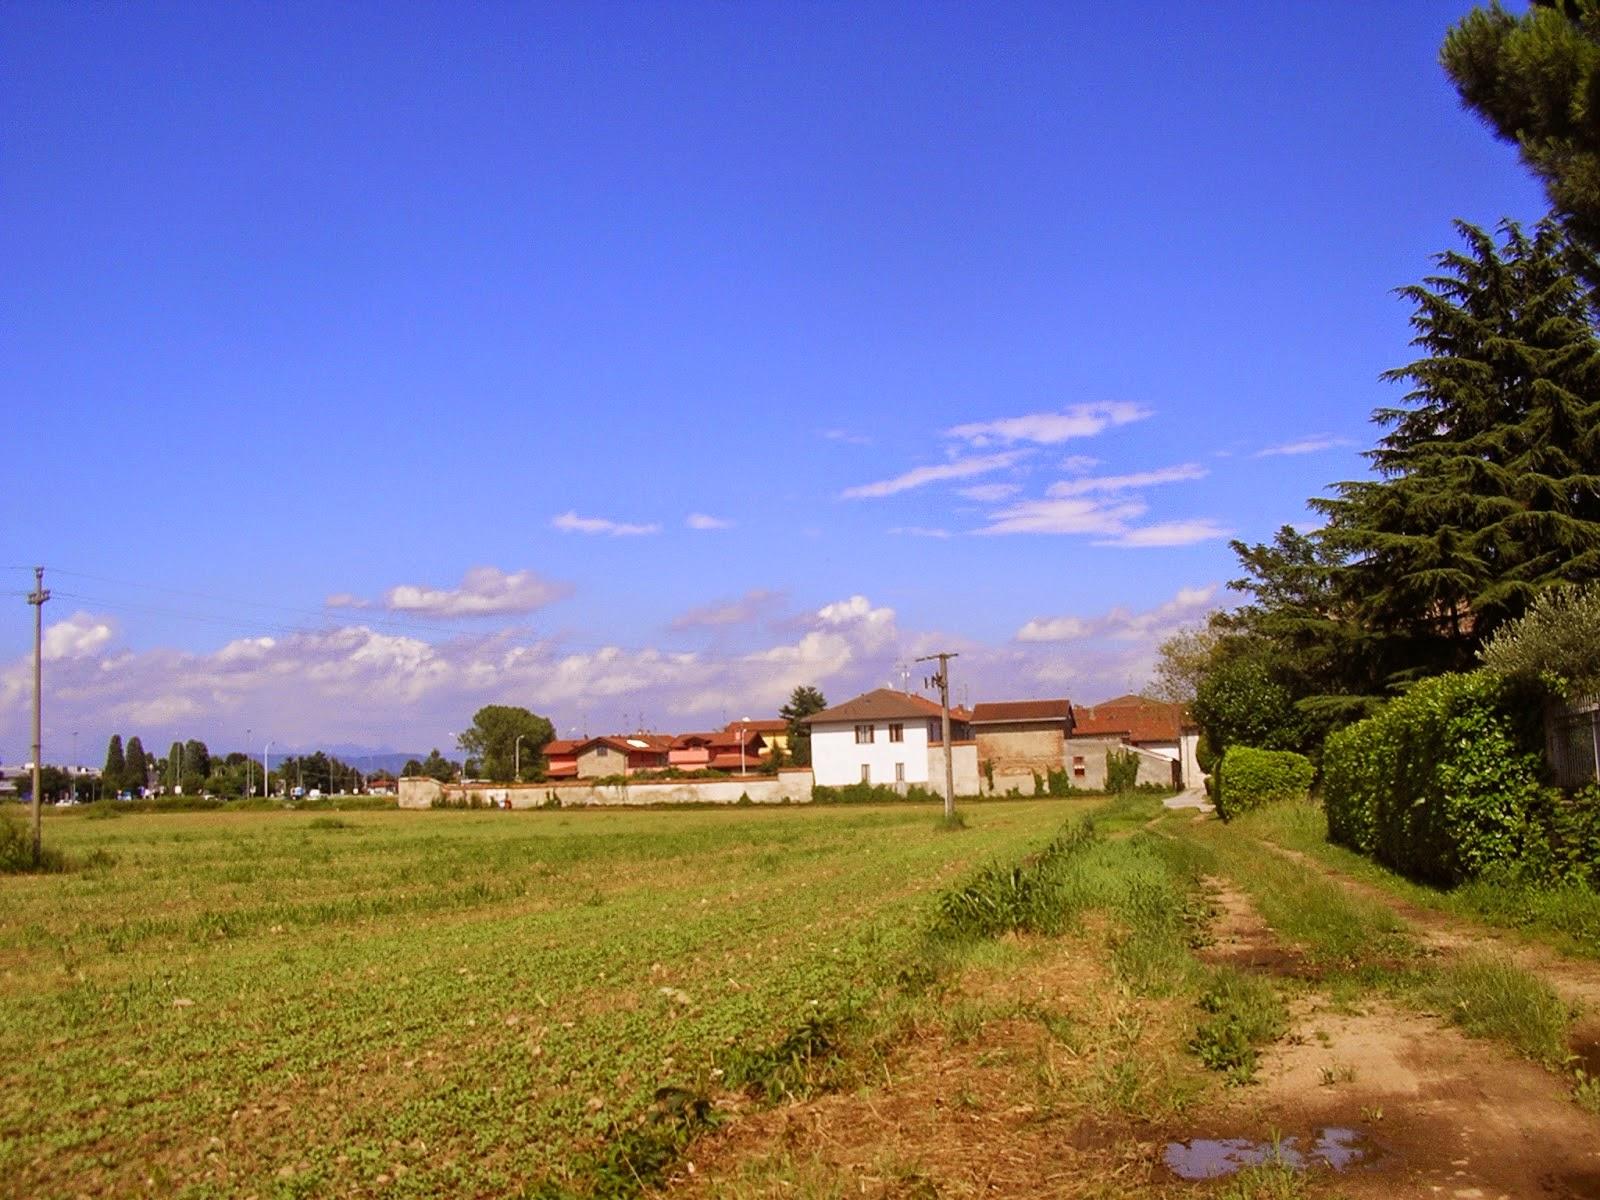 http://brianzacentrale.blogspot.it/2014/07/san-salvatore-e-dosso-seregno-tra.html